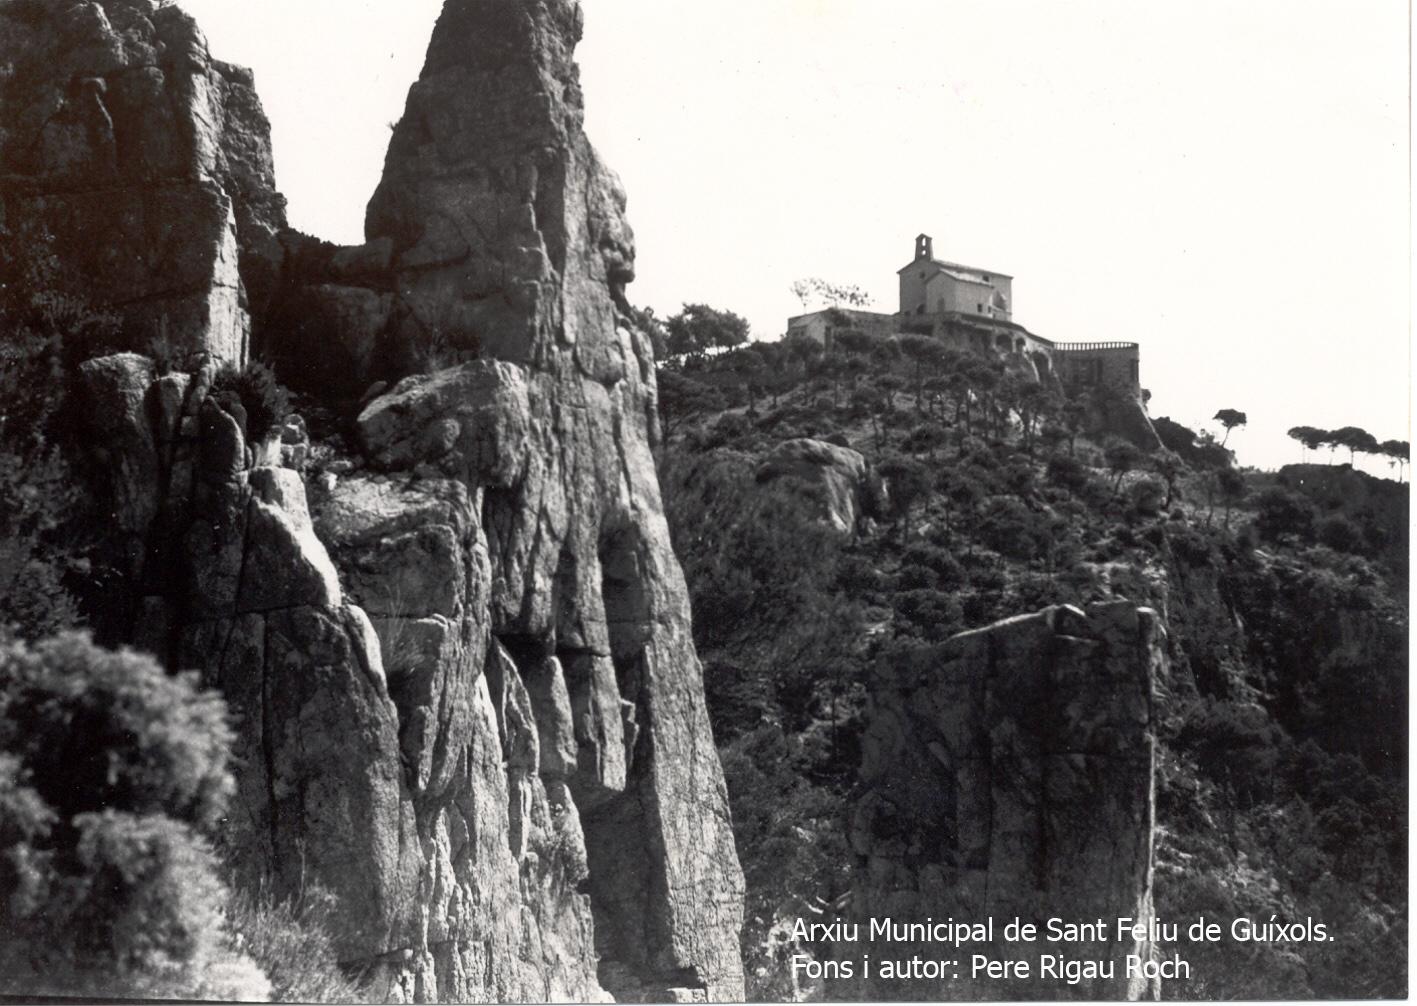 L'ermita de Sant Elm des de la cala del Vigatà, el 1935. Autor: Pere Rigau Roch. Arxiu Municipal de Sant Feliu de Guíxols.